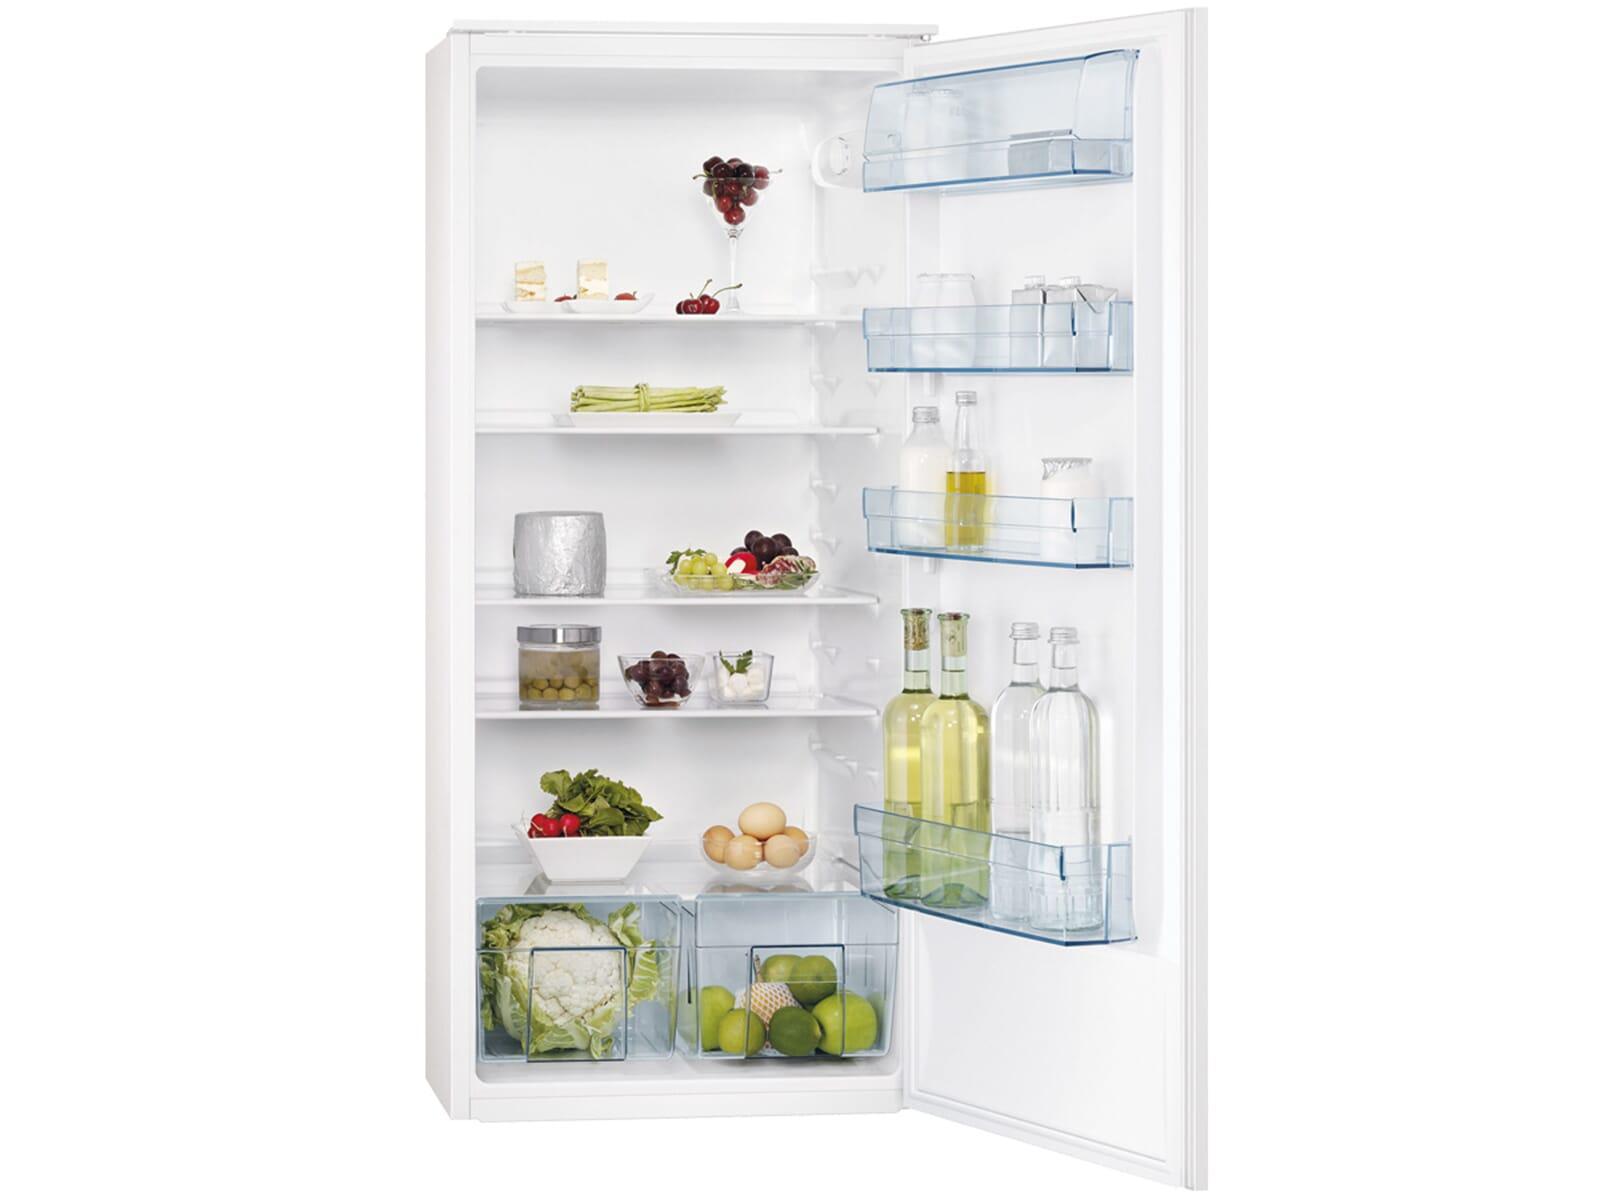 Aeg Kühlschrank Mit Kellerfach : Kühlschrank einbau siemens ki ca einbau kühlschrank für